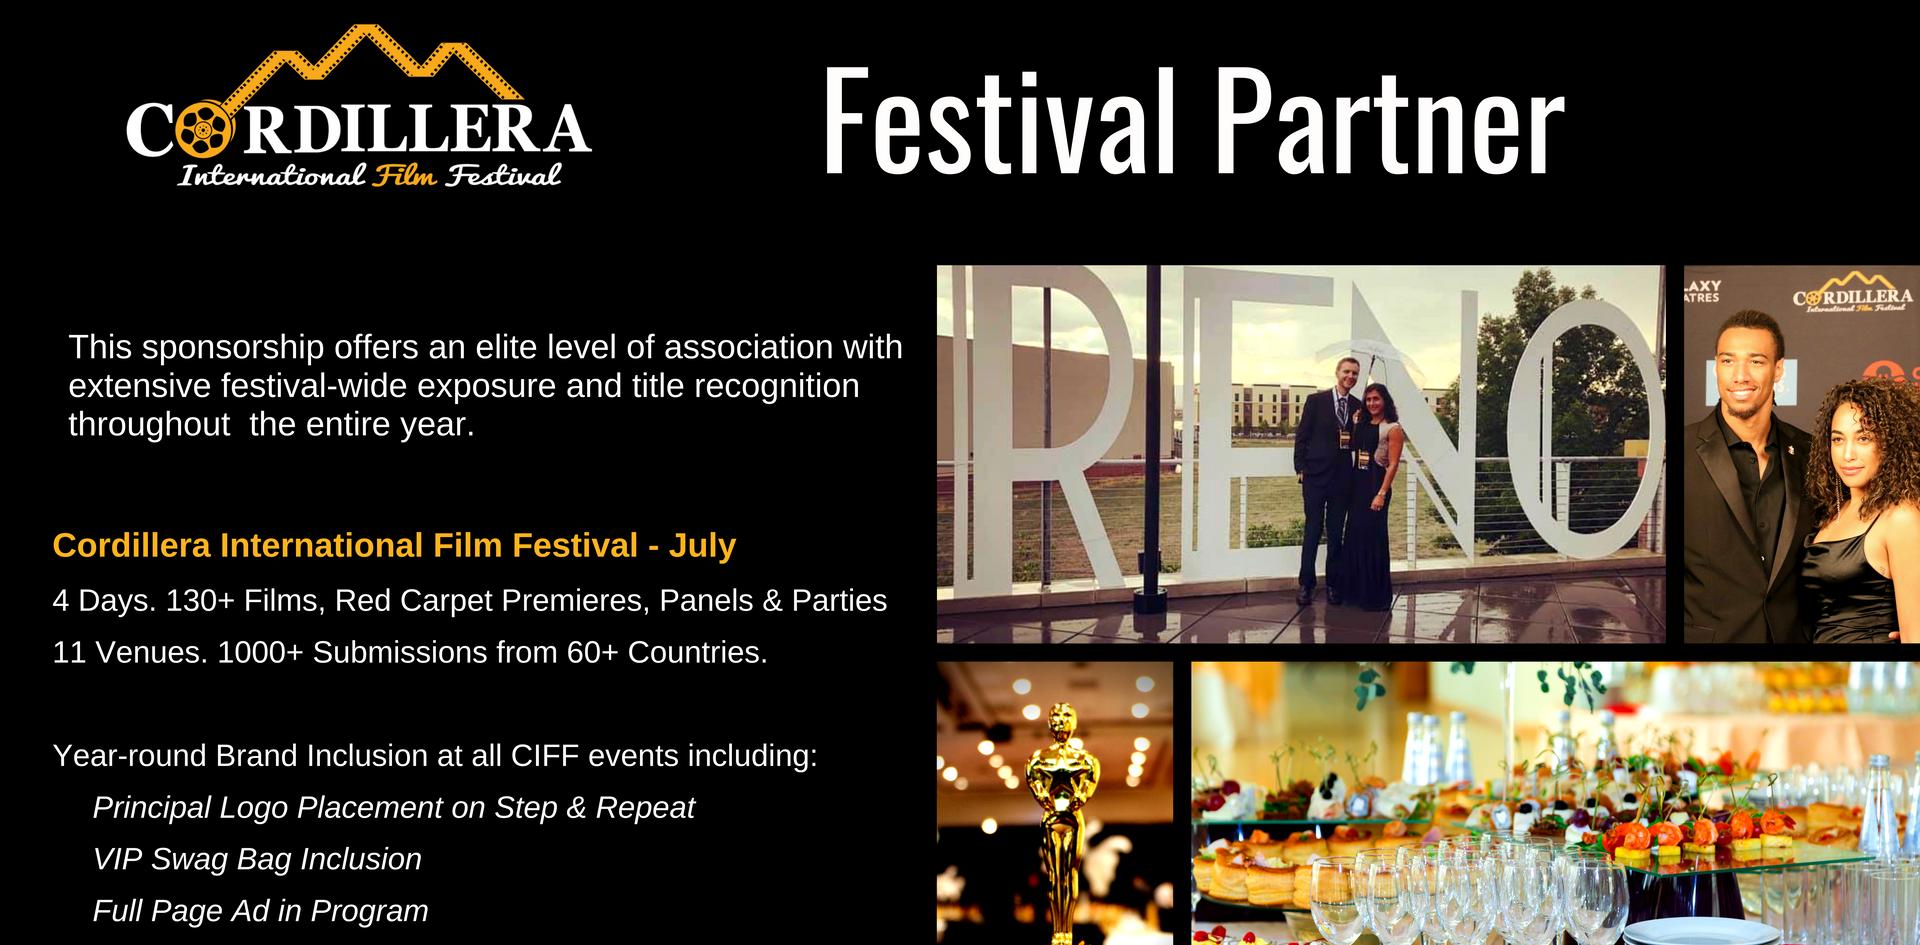 Festival Partner